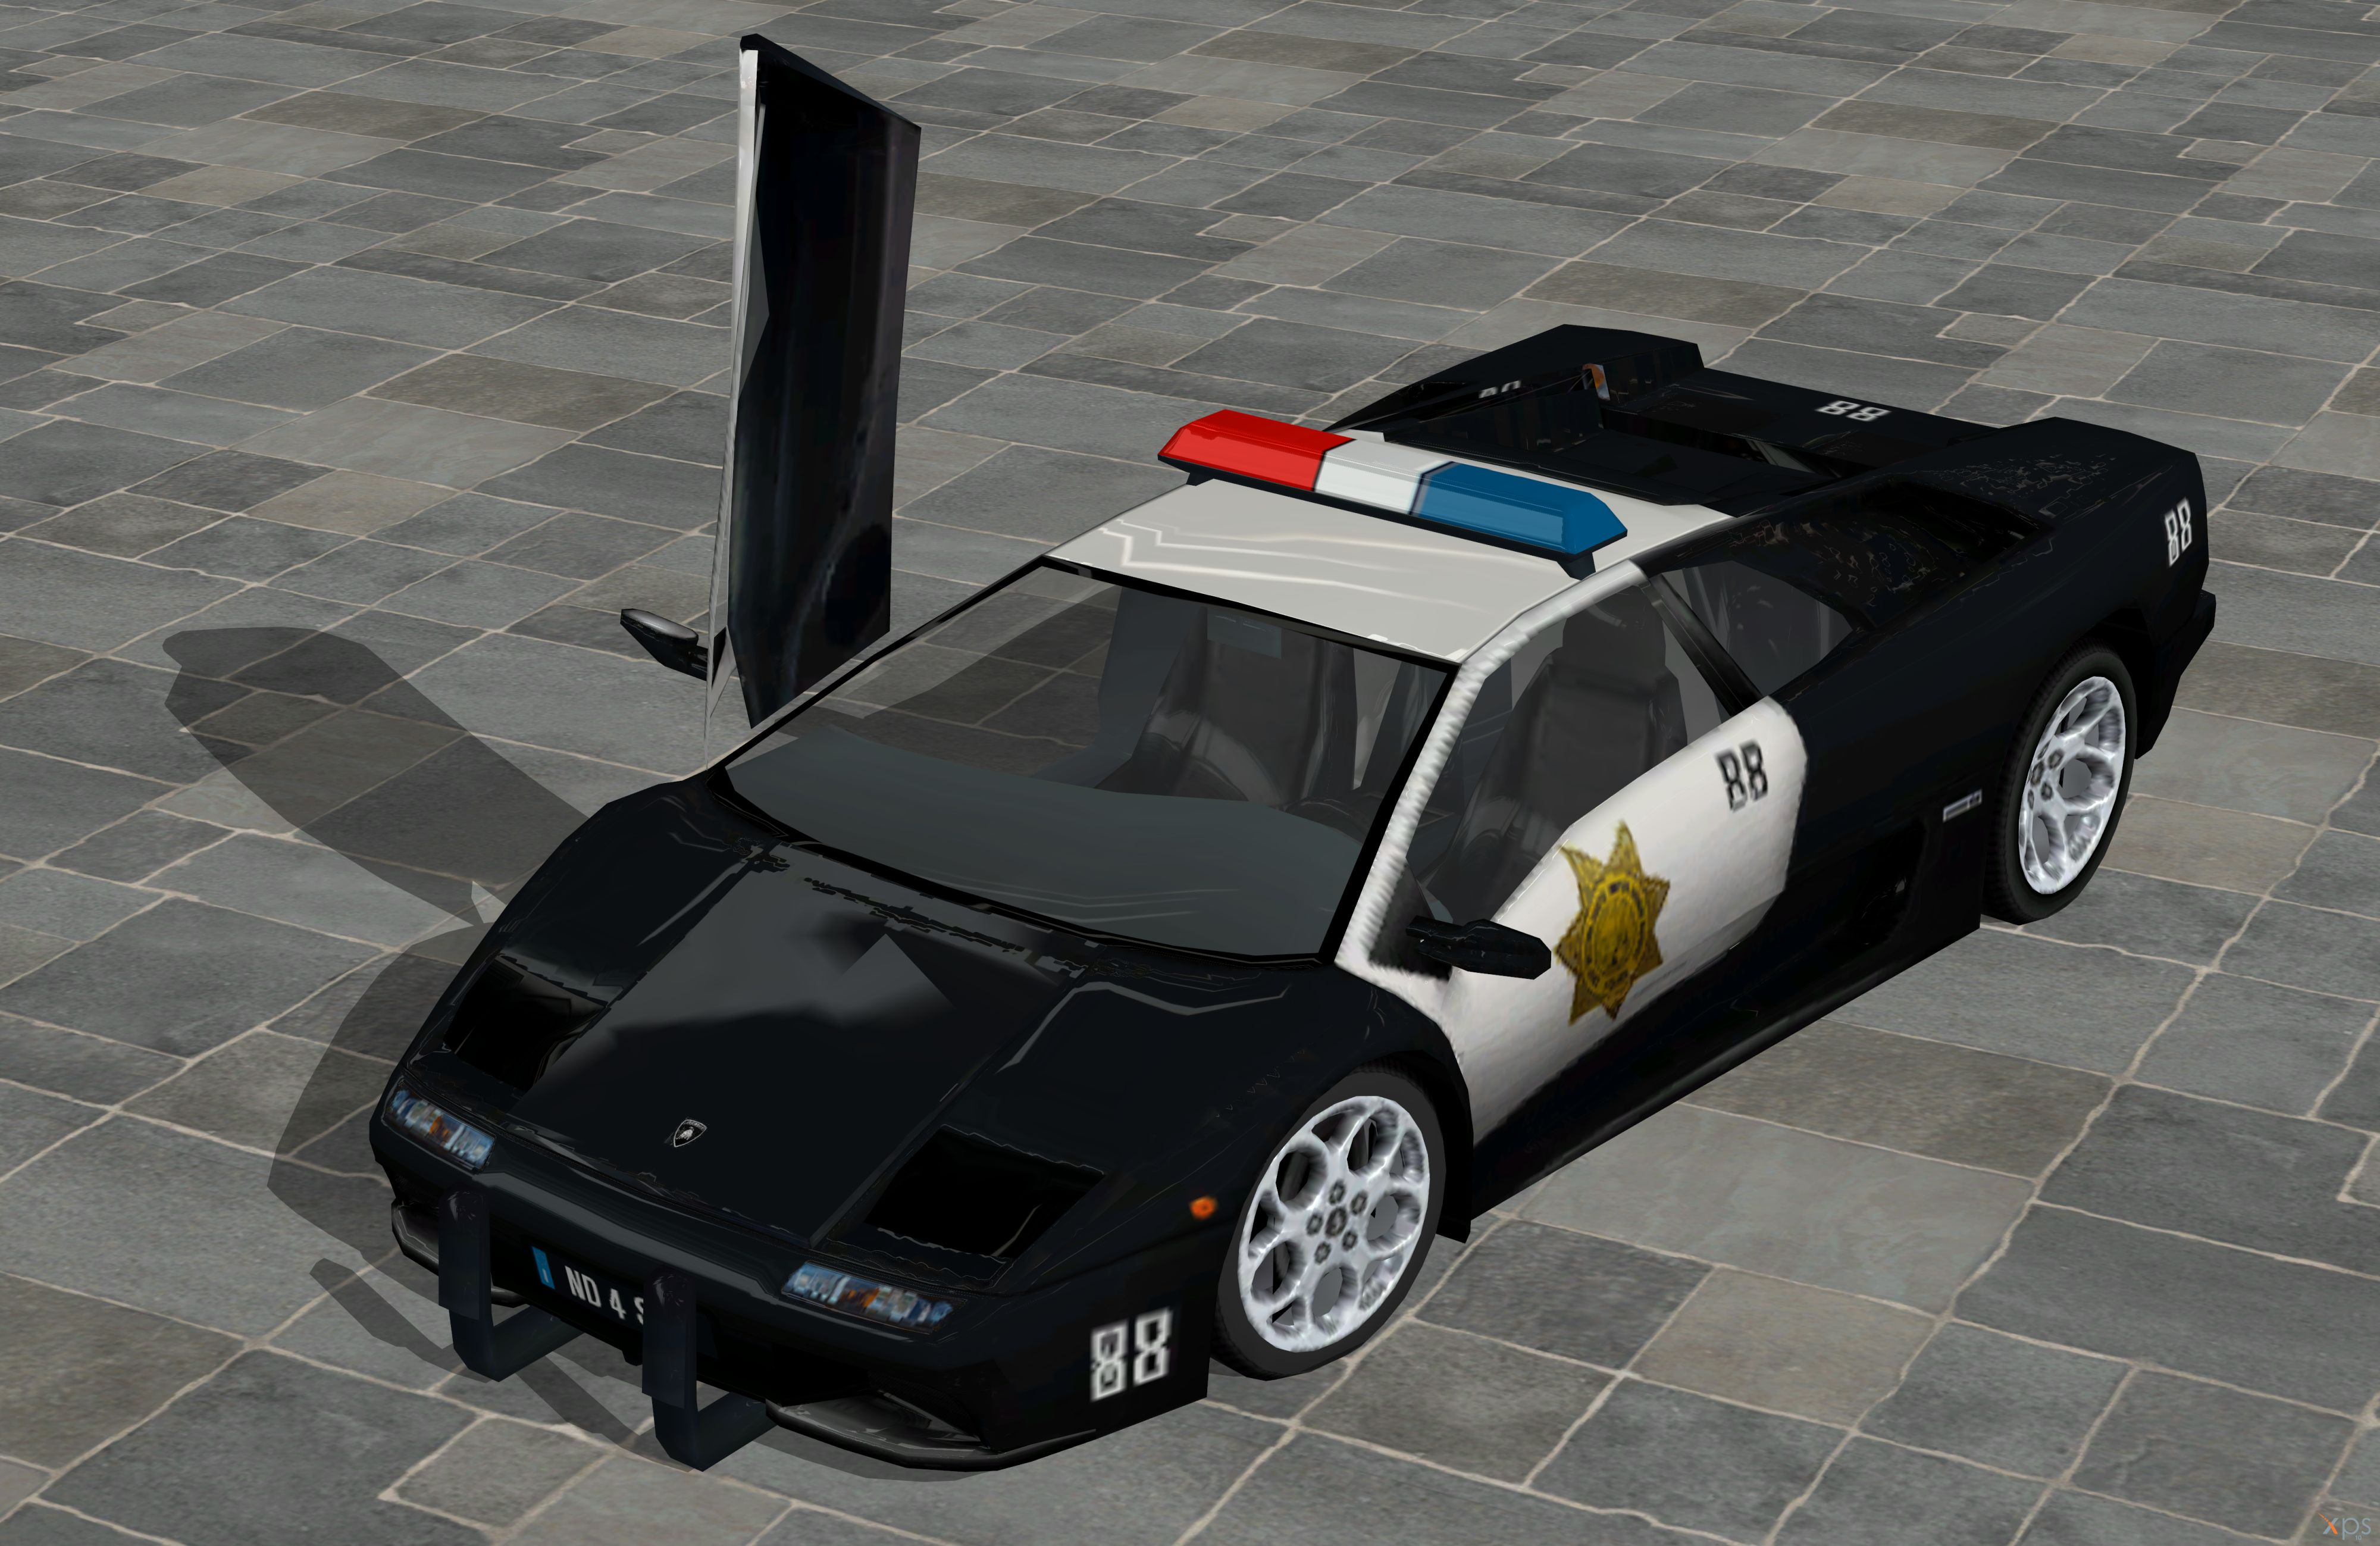 _nfs__hot_pursuit_2__lamborghini_police_xps_only___by_lezisell-d7hpe8o Marvelous Lamborghini Countach Nfs Hot Pursuit Cars Trend